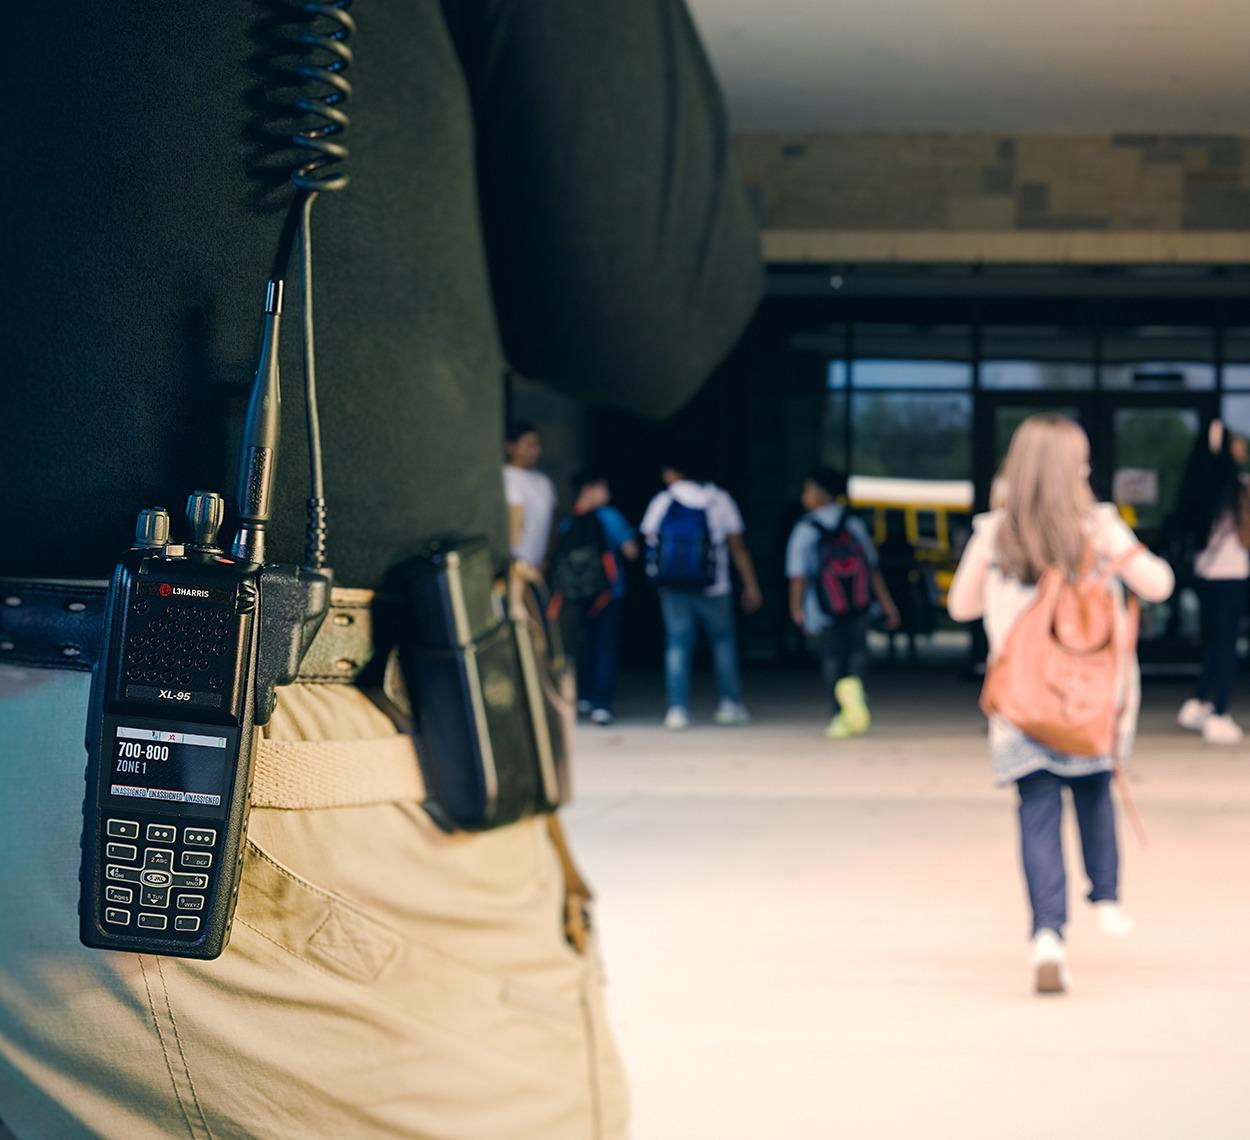 xl-connect-95p-p25-portable-radio-school-security